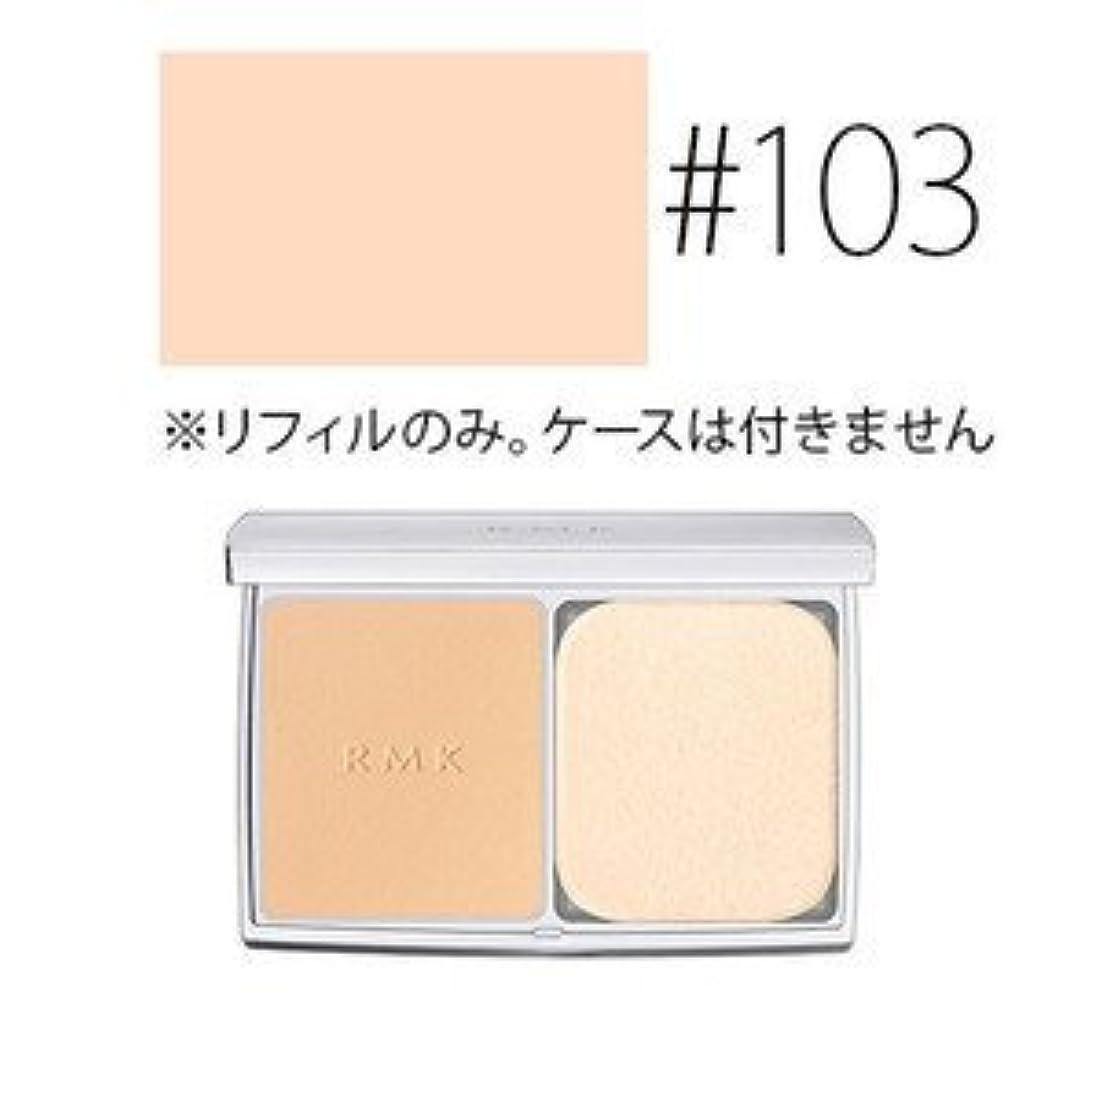 自己オペラ部分的【RMK (ルミコ)】UVパウダーファンデーション (レフィル) #103L 11g